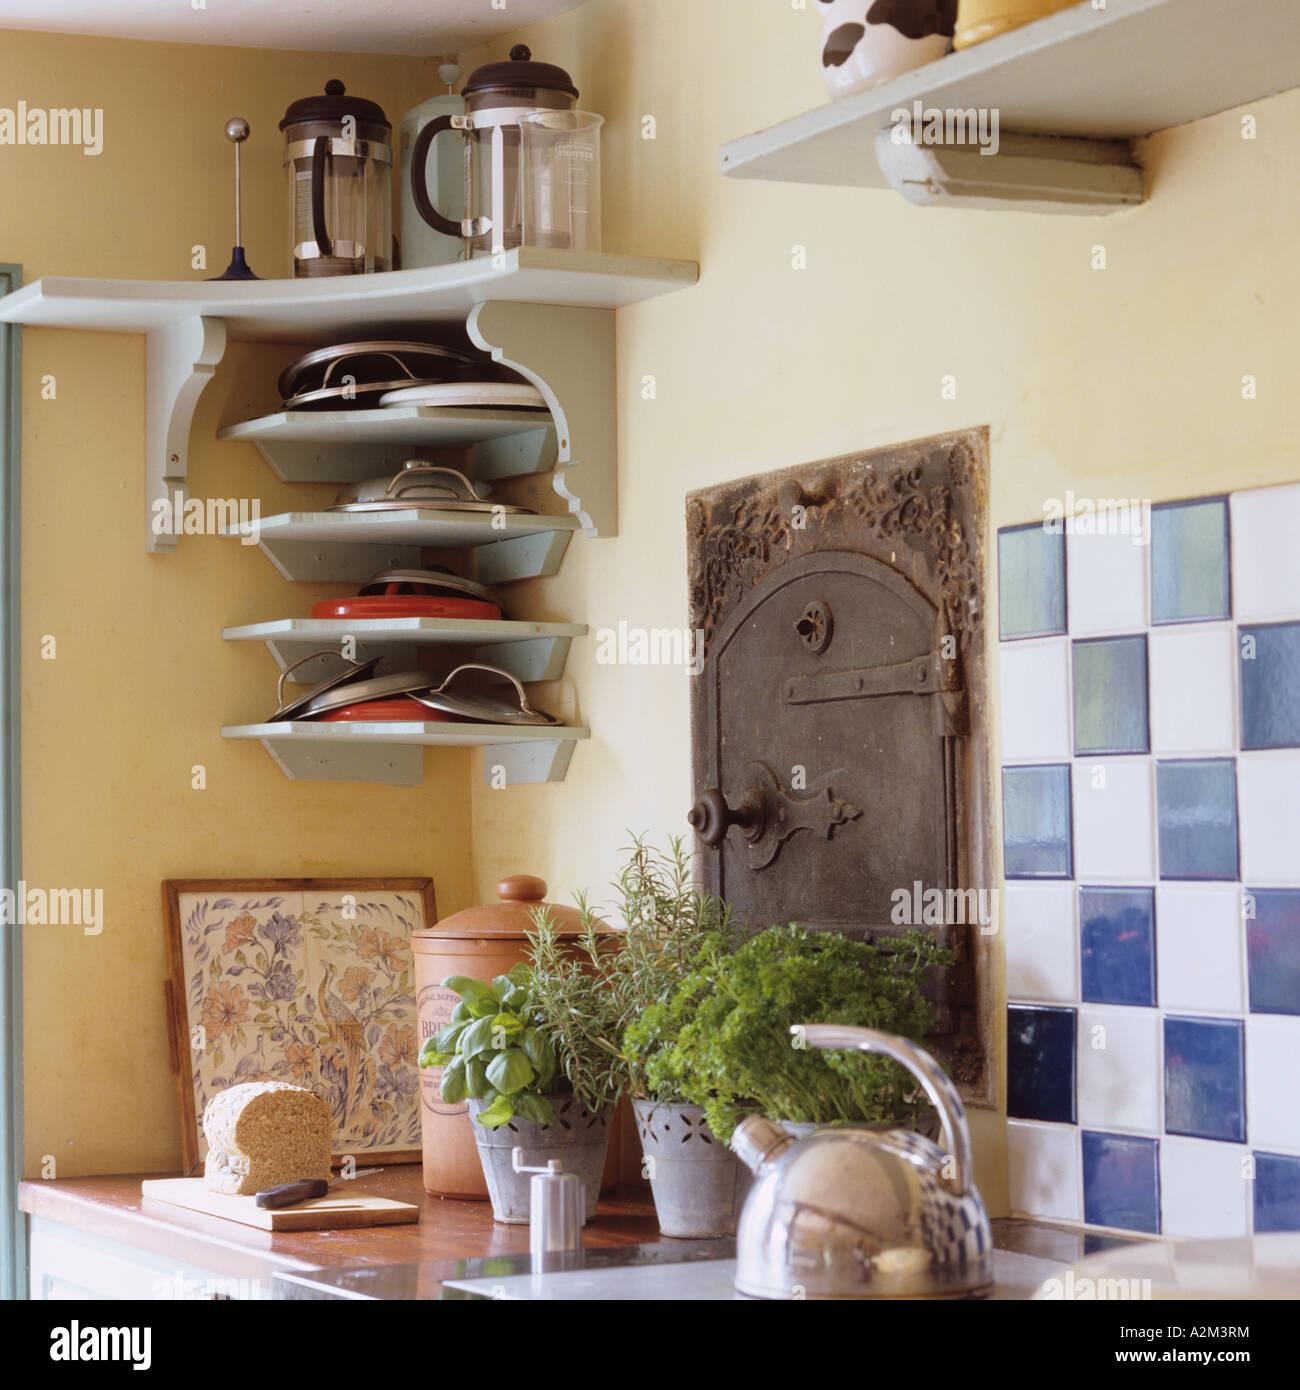 Sideboard mit Fliesen, ein Wasserkocher und Kräuter im englischen ...